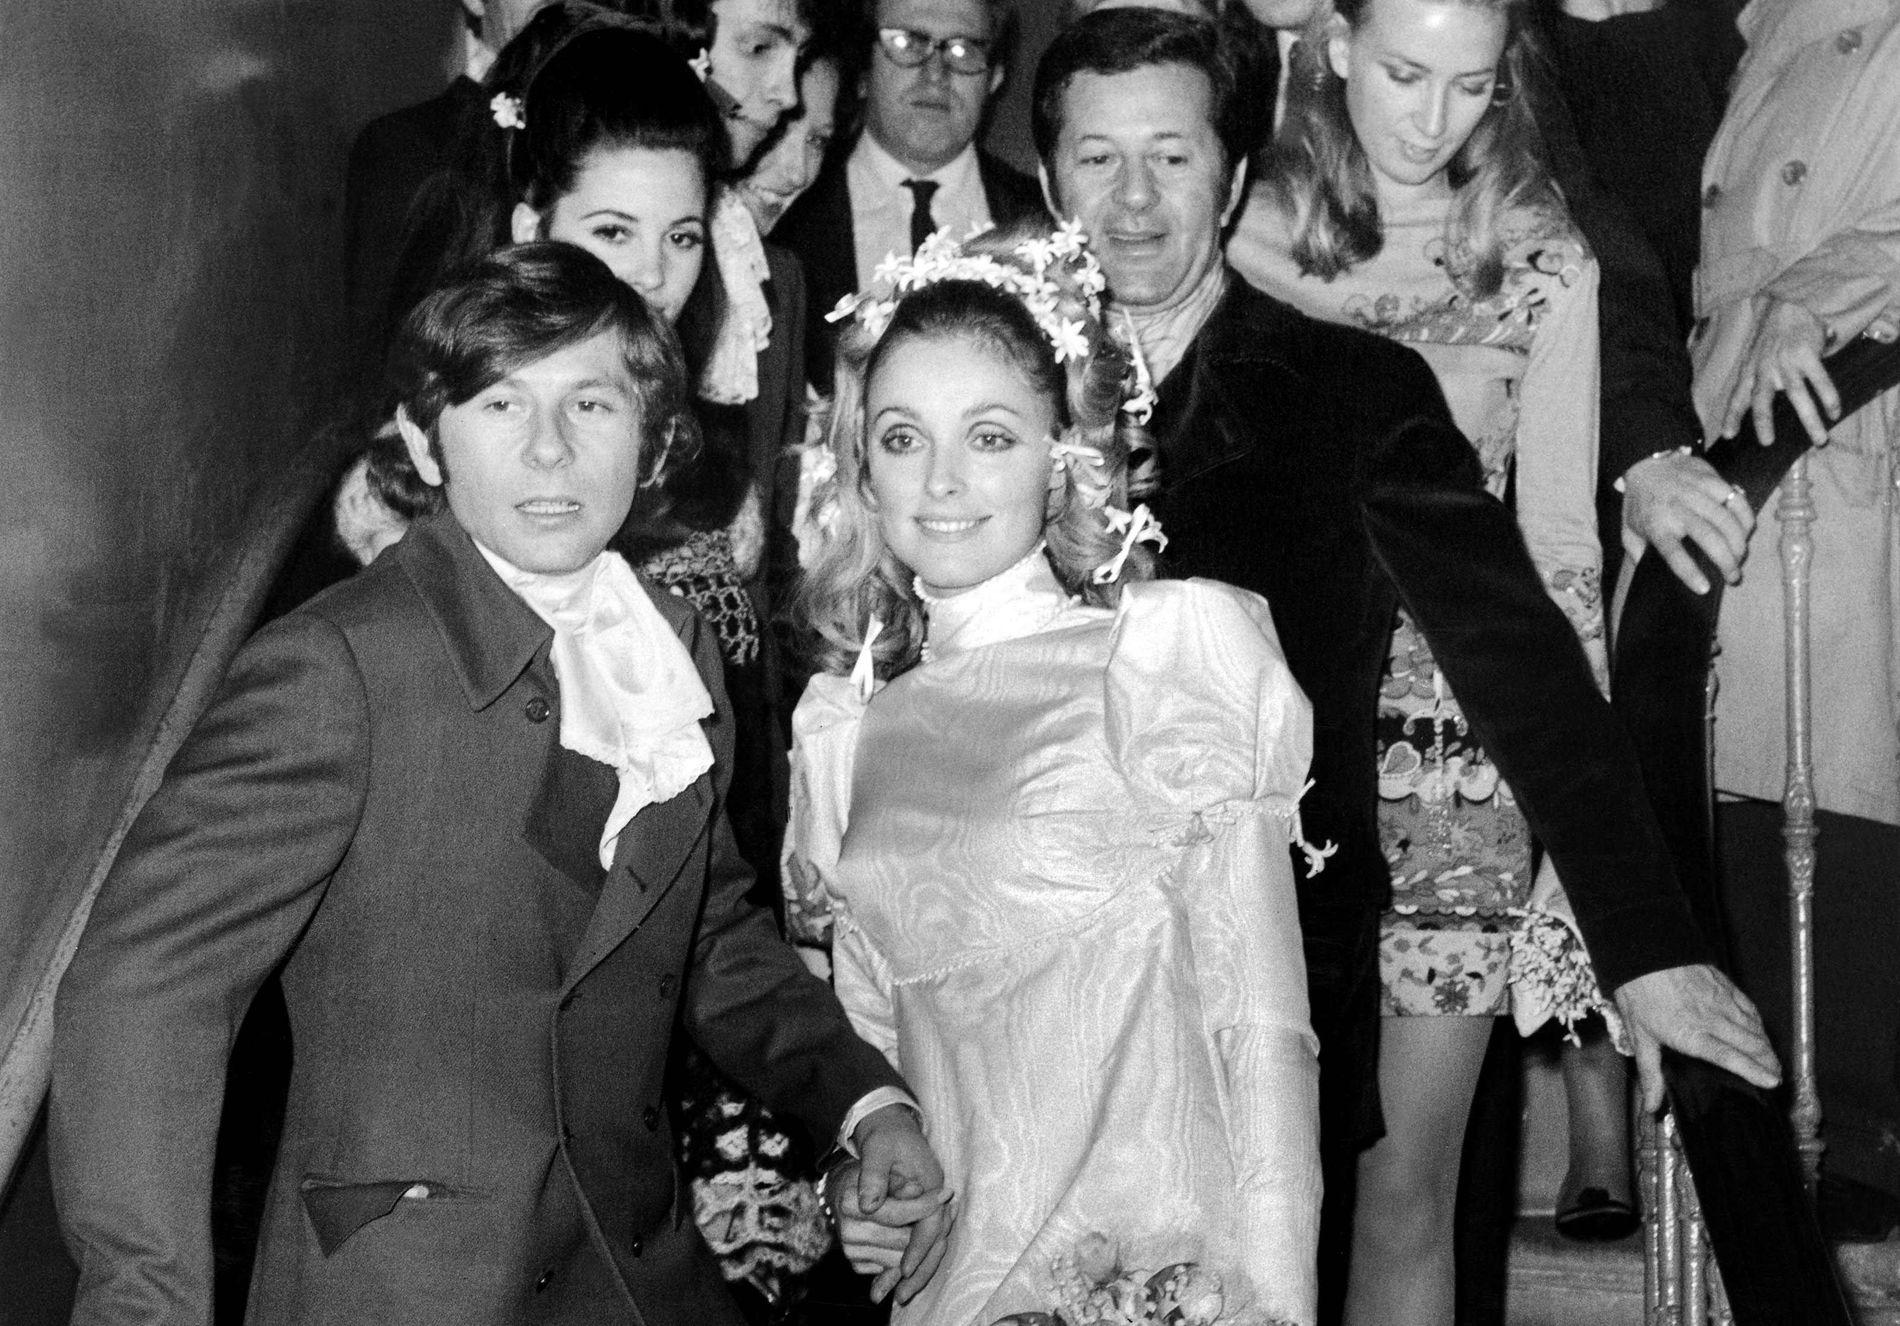 LYKKELIGE: Roman Polanski og Sharon Tate på bryllupsdagen i januar 1968.